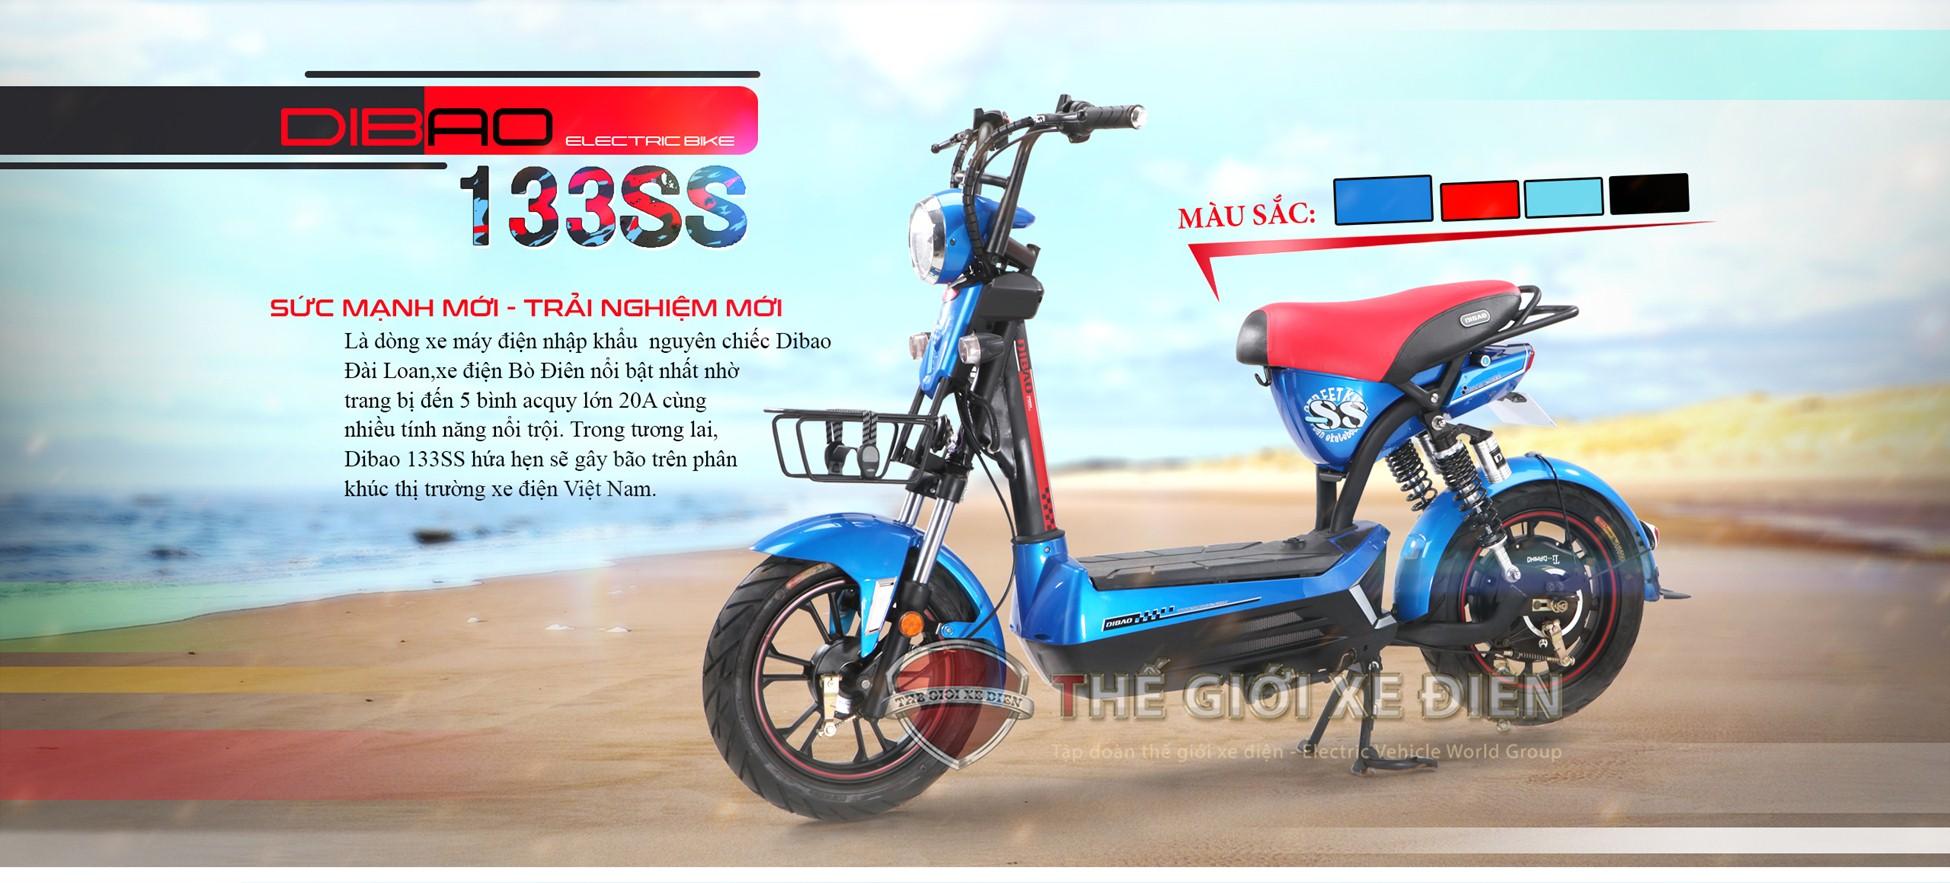 Dibao 133SS chiếc xe điện với thiết kế đẹp mắt